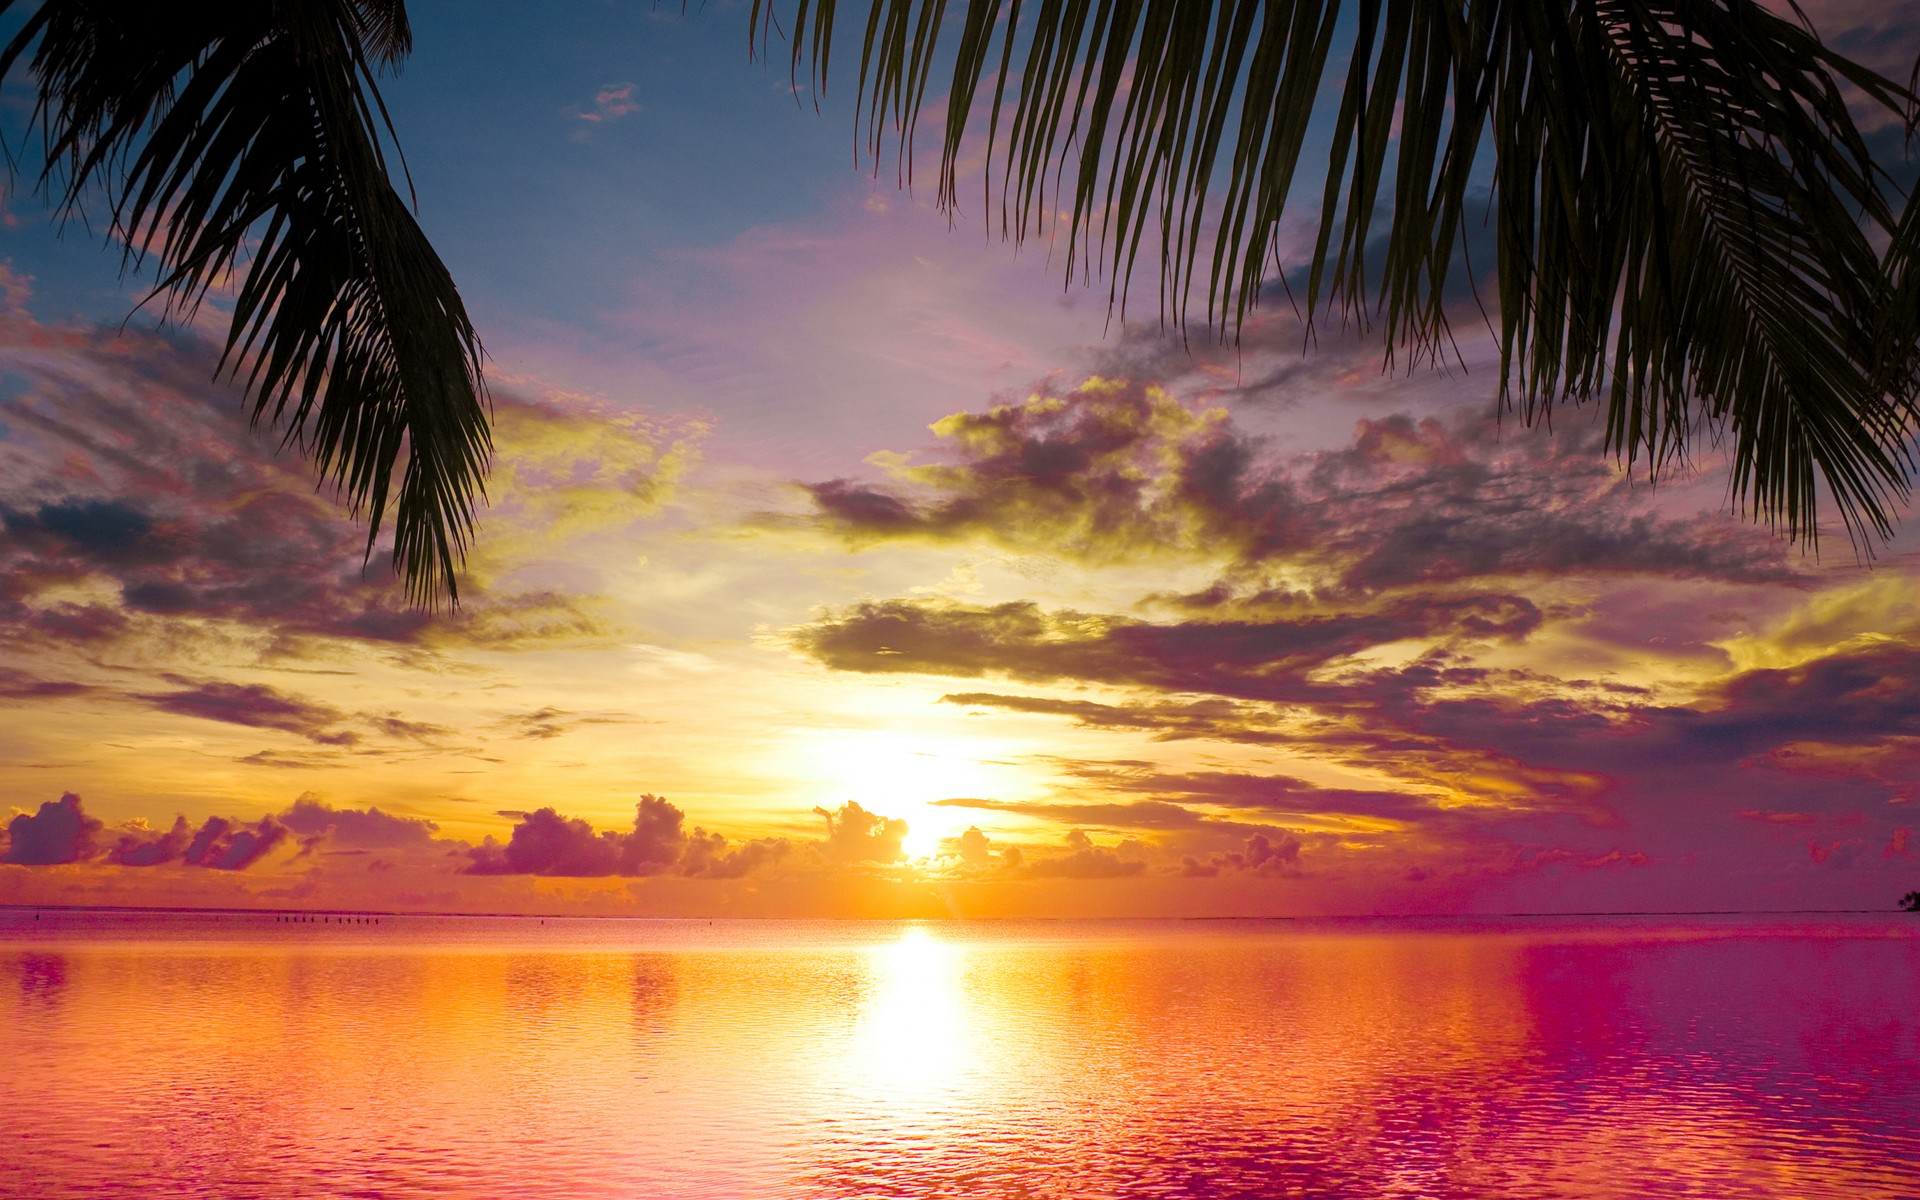 Sunset Palms Sea Beautiful Nature Landscape Water Sky